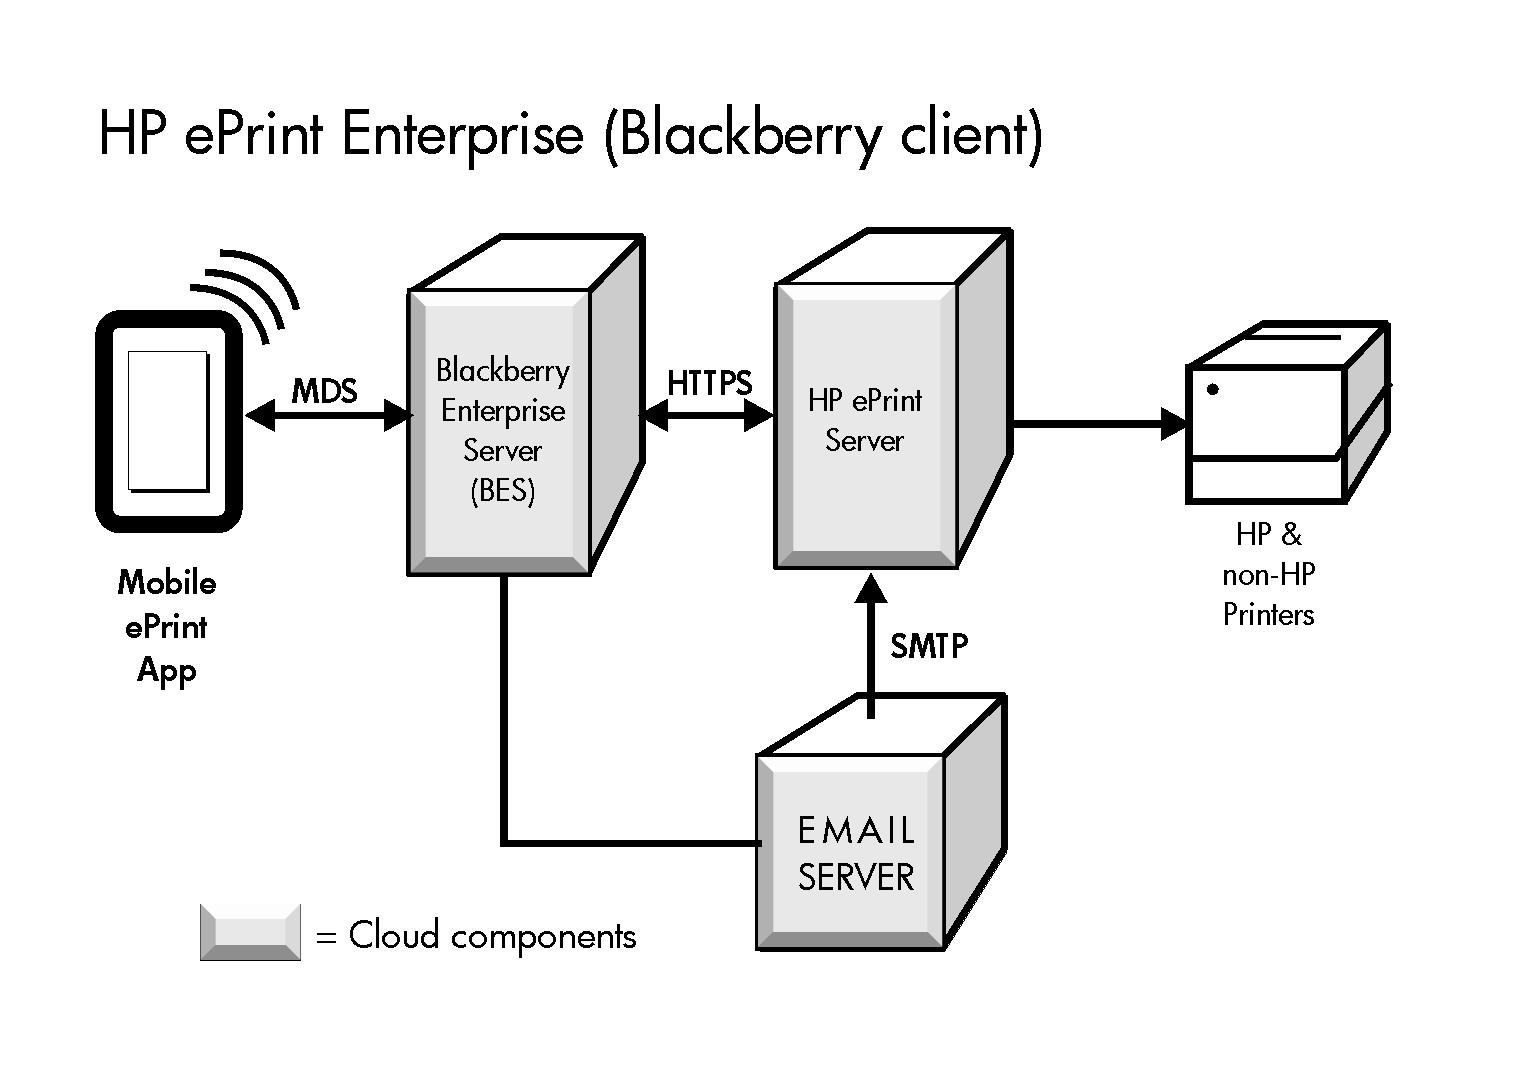 Windows pdf scanner for blackberry